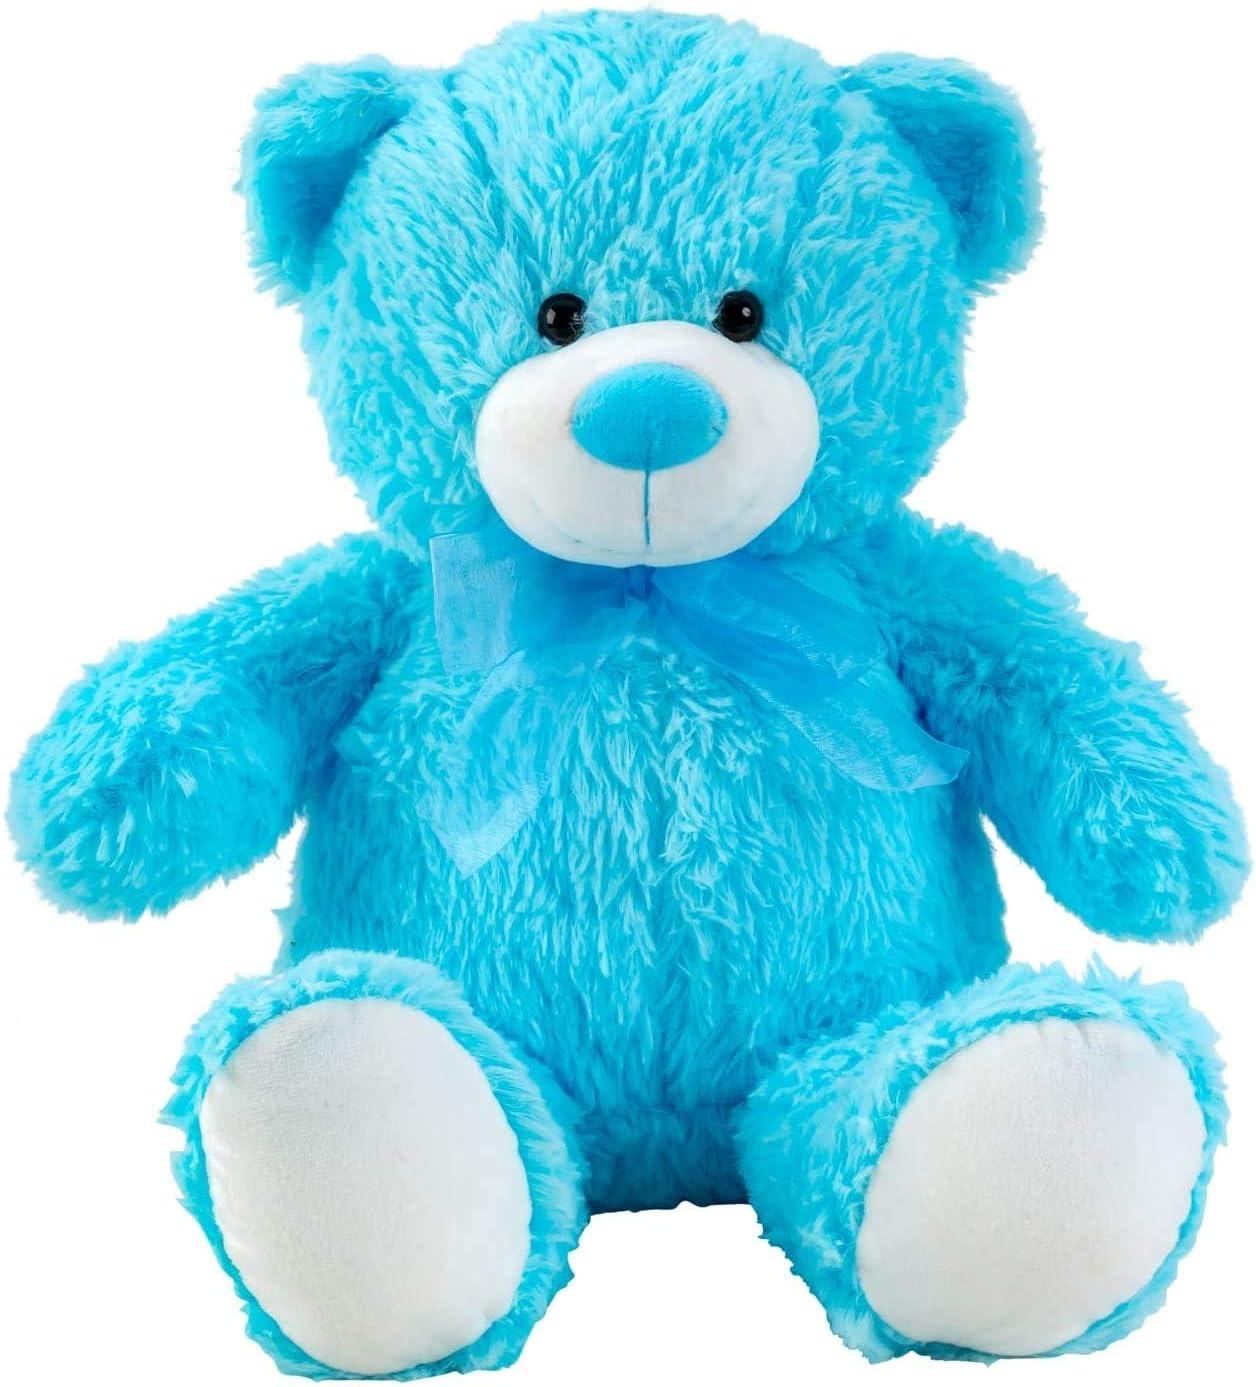 Lifestyle & More Oso de Peluche Azul con Lazo de 50 cm de Altura Peluche Oso Aterciopelado Suave - para amar